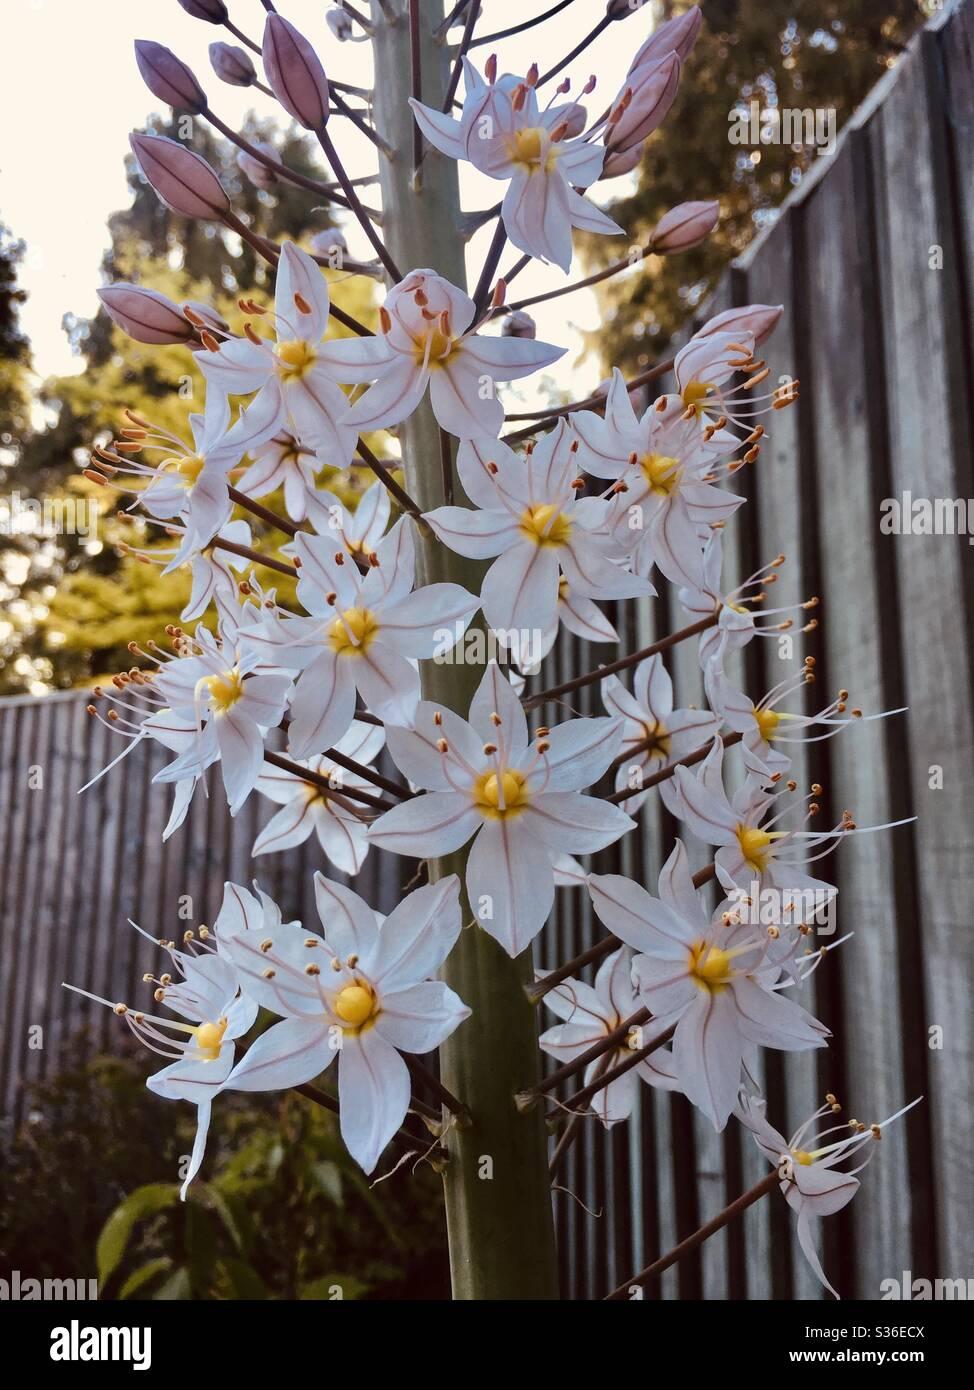 eremurus-flowers-opening-S36ECX.jpg